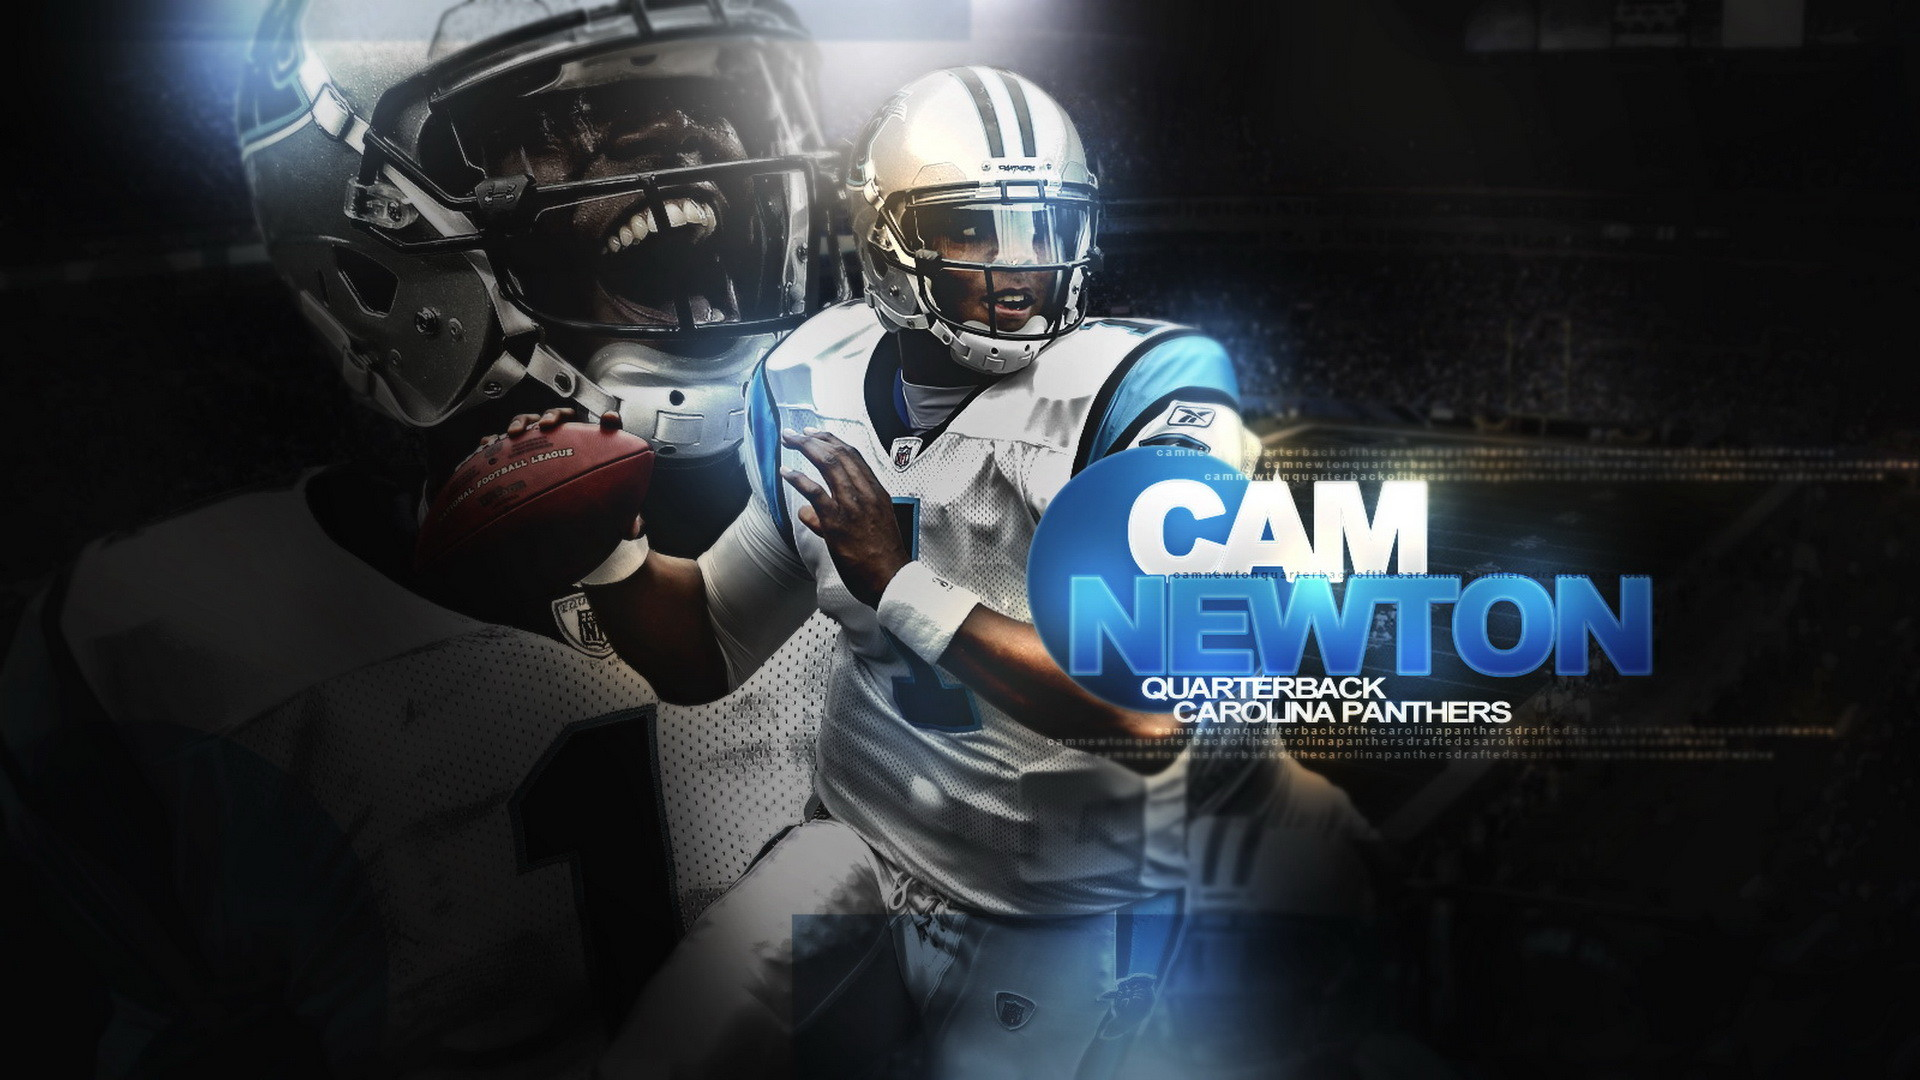 … Cam Newton 2014 NFL Wallpaper 01 · Wallpaperres.com